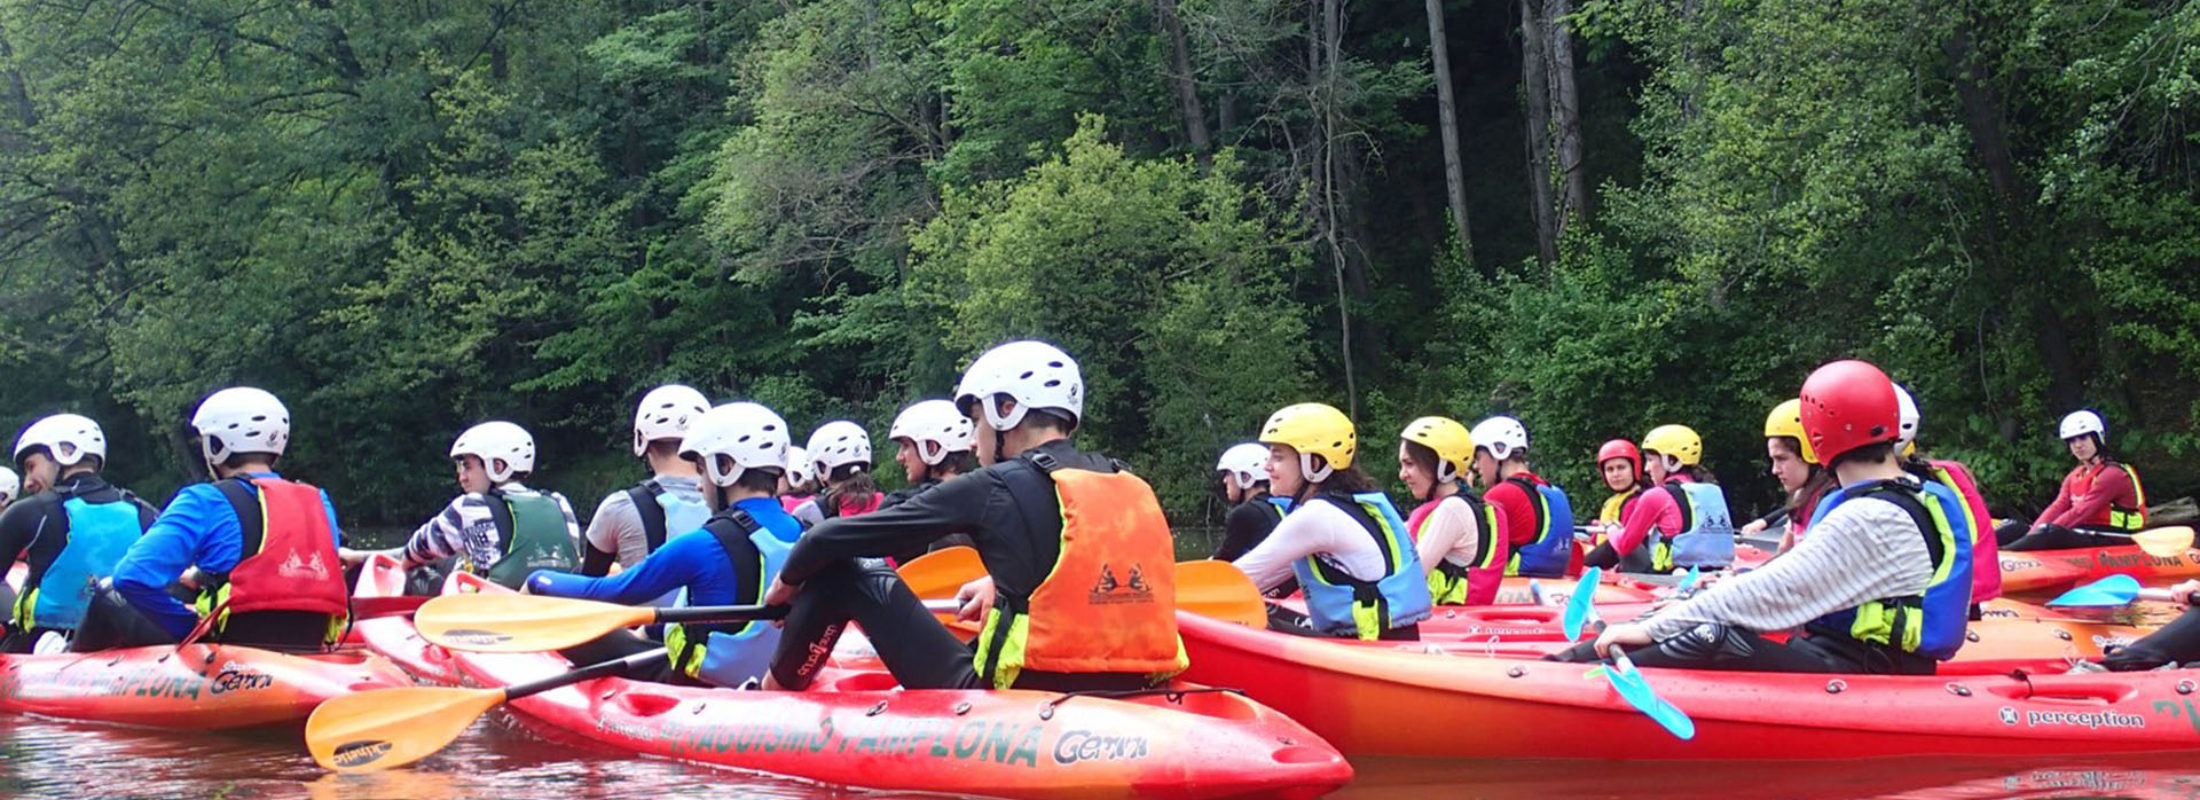 ¡Piragüismo y Kayak 2018! 2018ko Piraguismo eta Kayak!